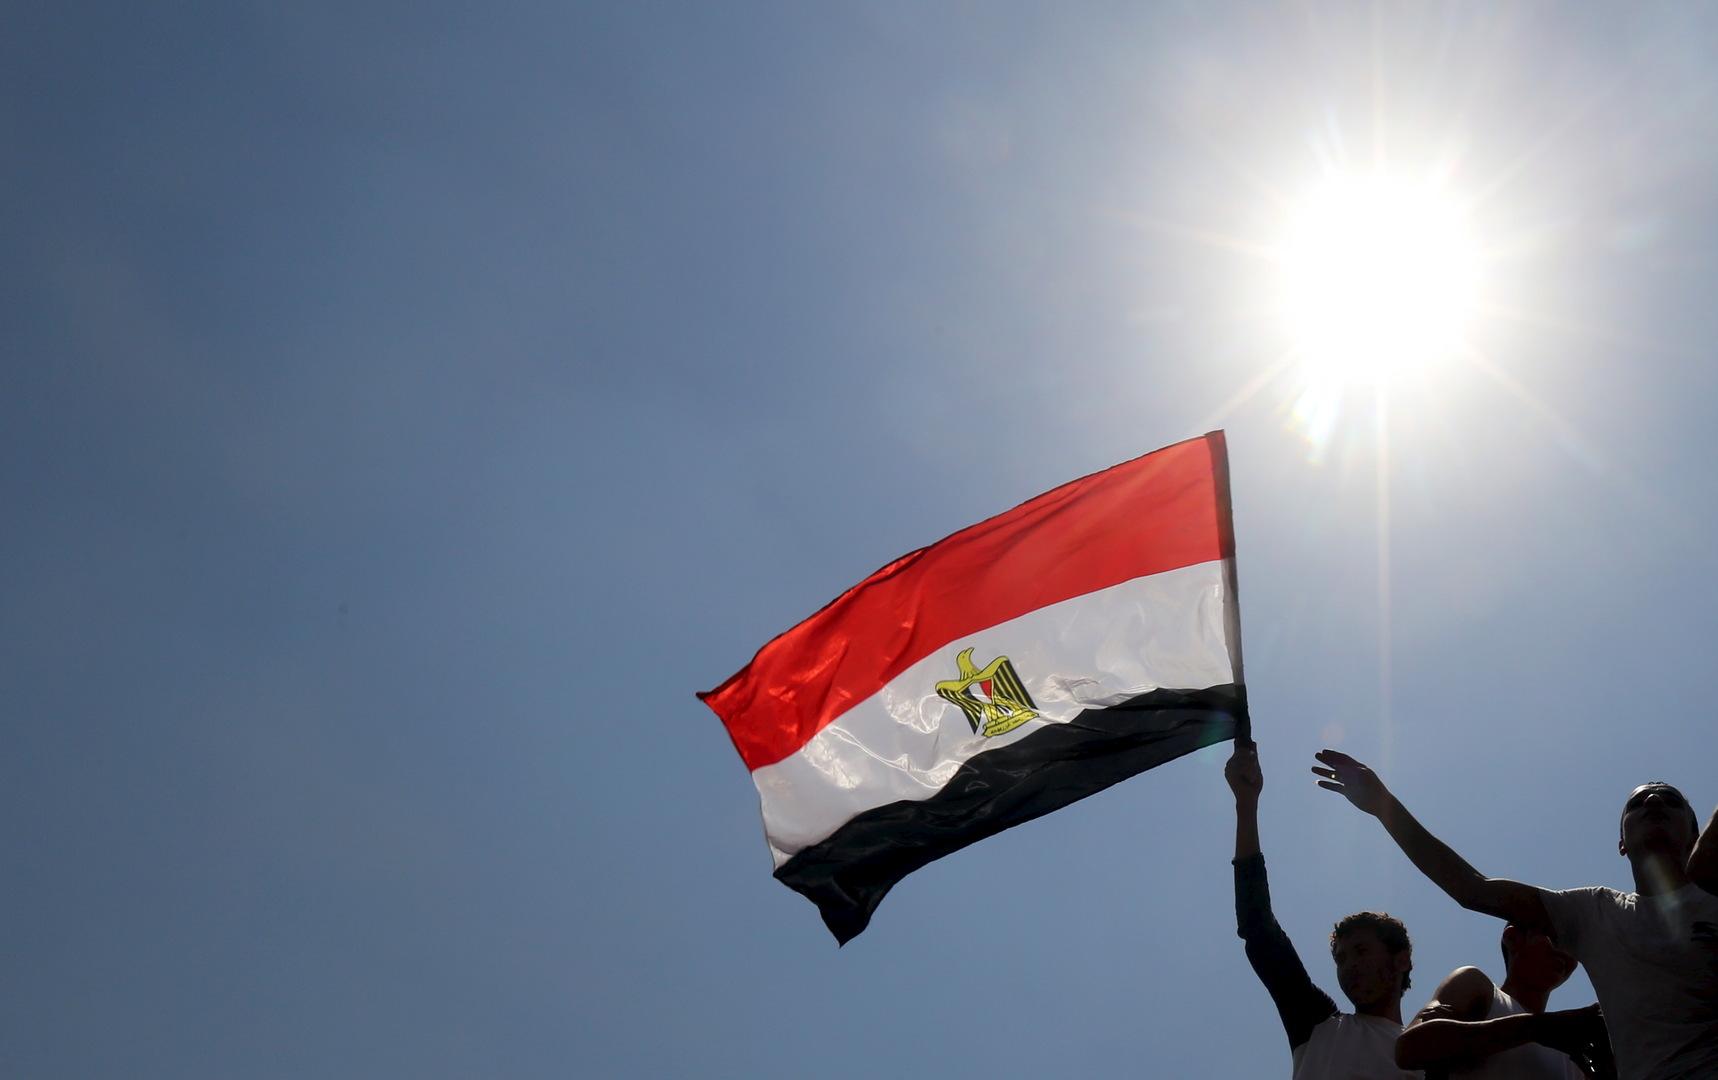 مصر تعلن انضمامها إلى